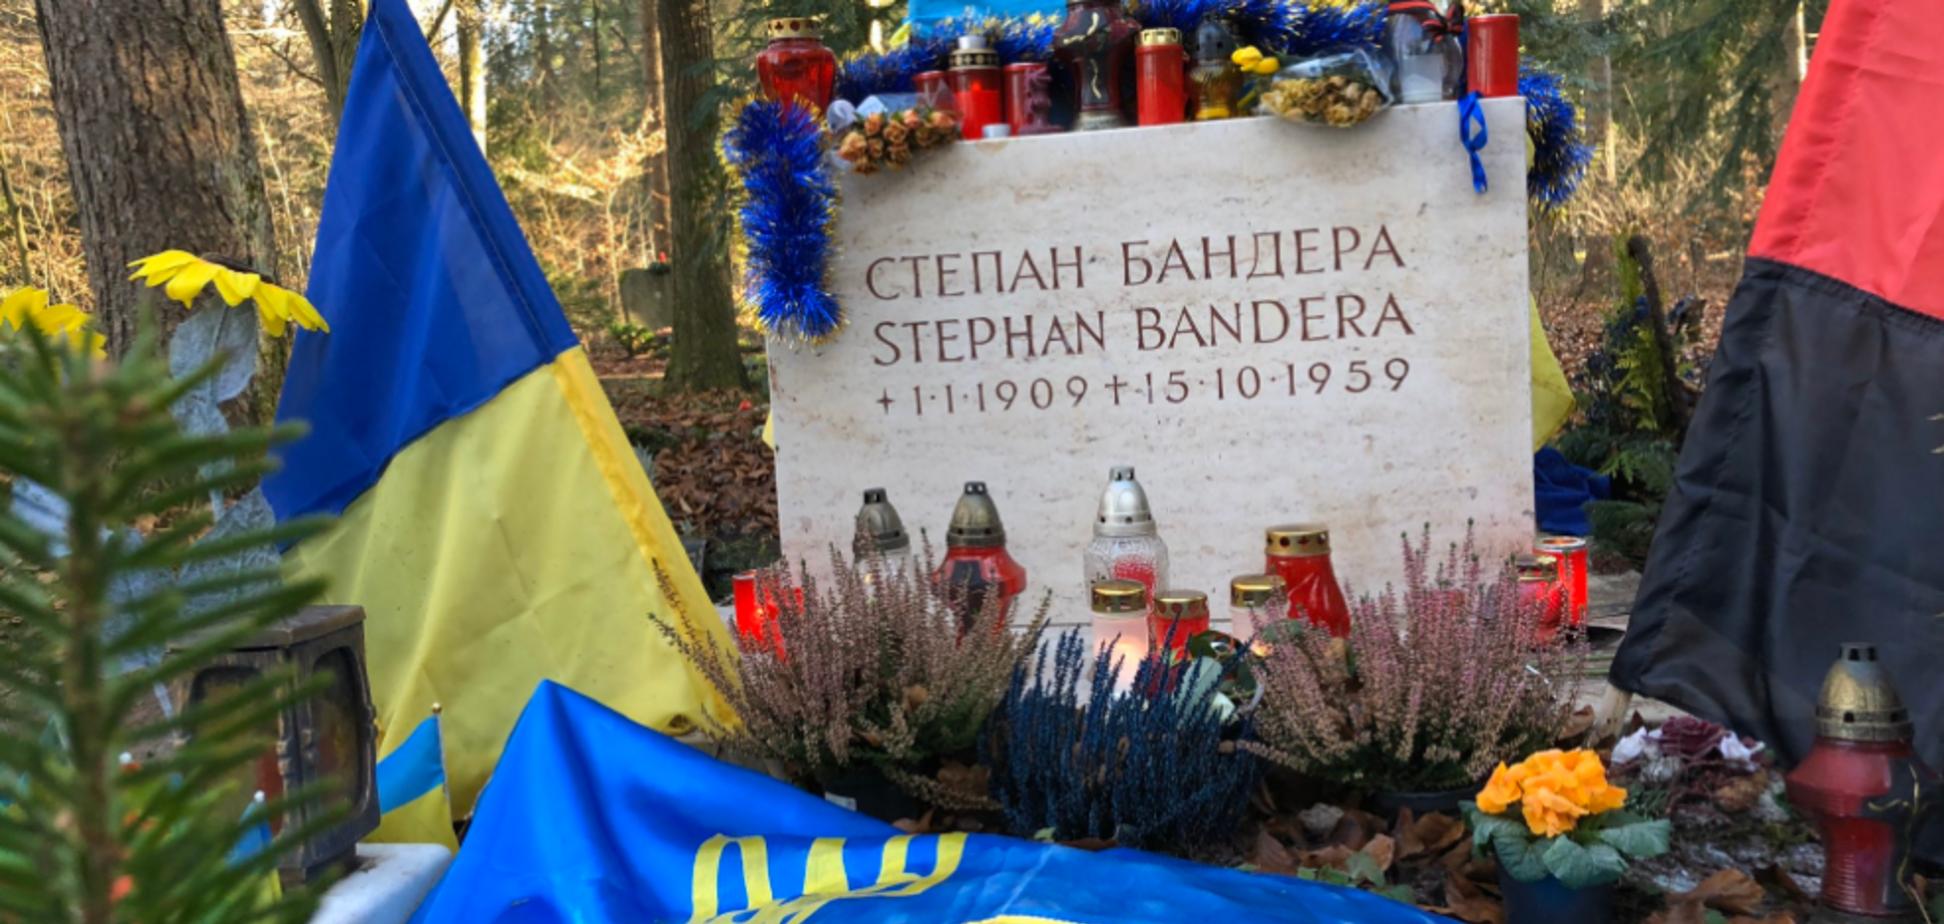 Українці залишили послання на могилі Бандери у Мюнхені: фото